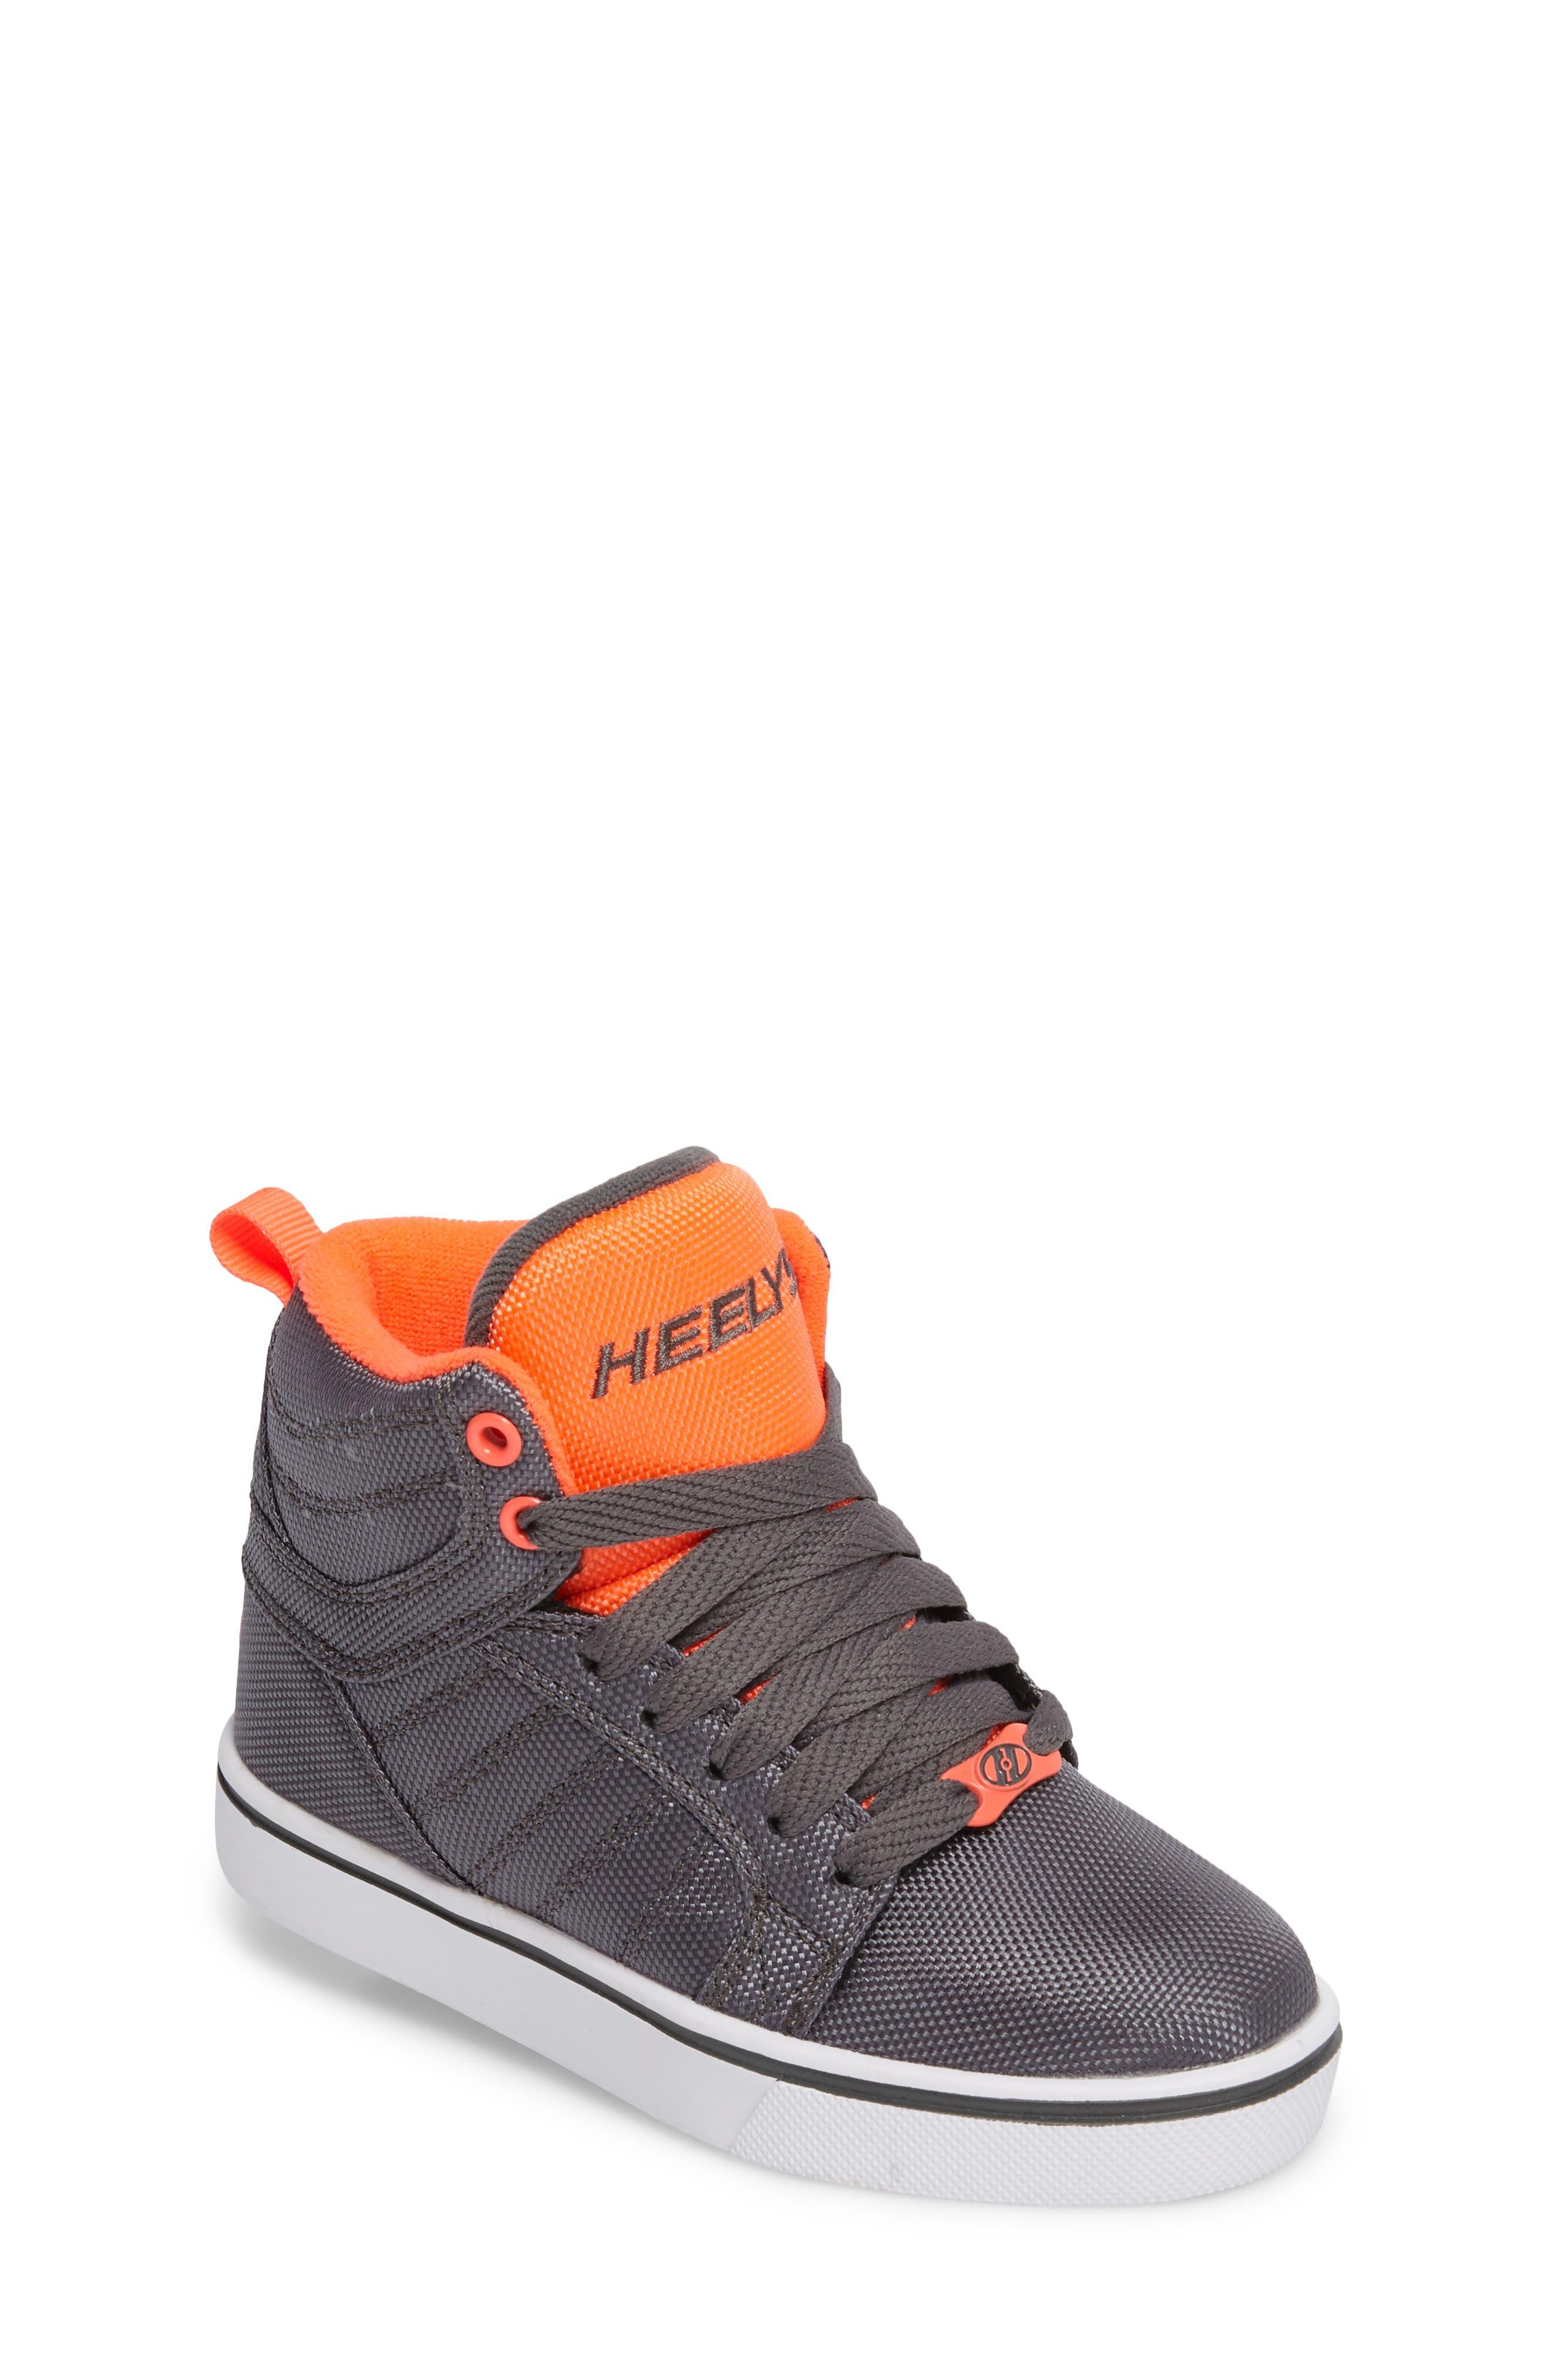 HEELYS Uptown Hi Top Skate Sneaker